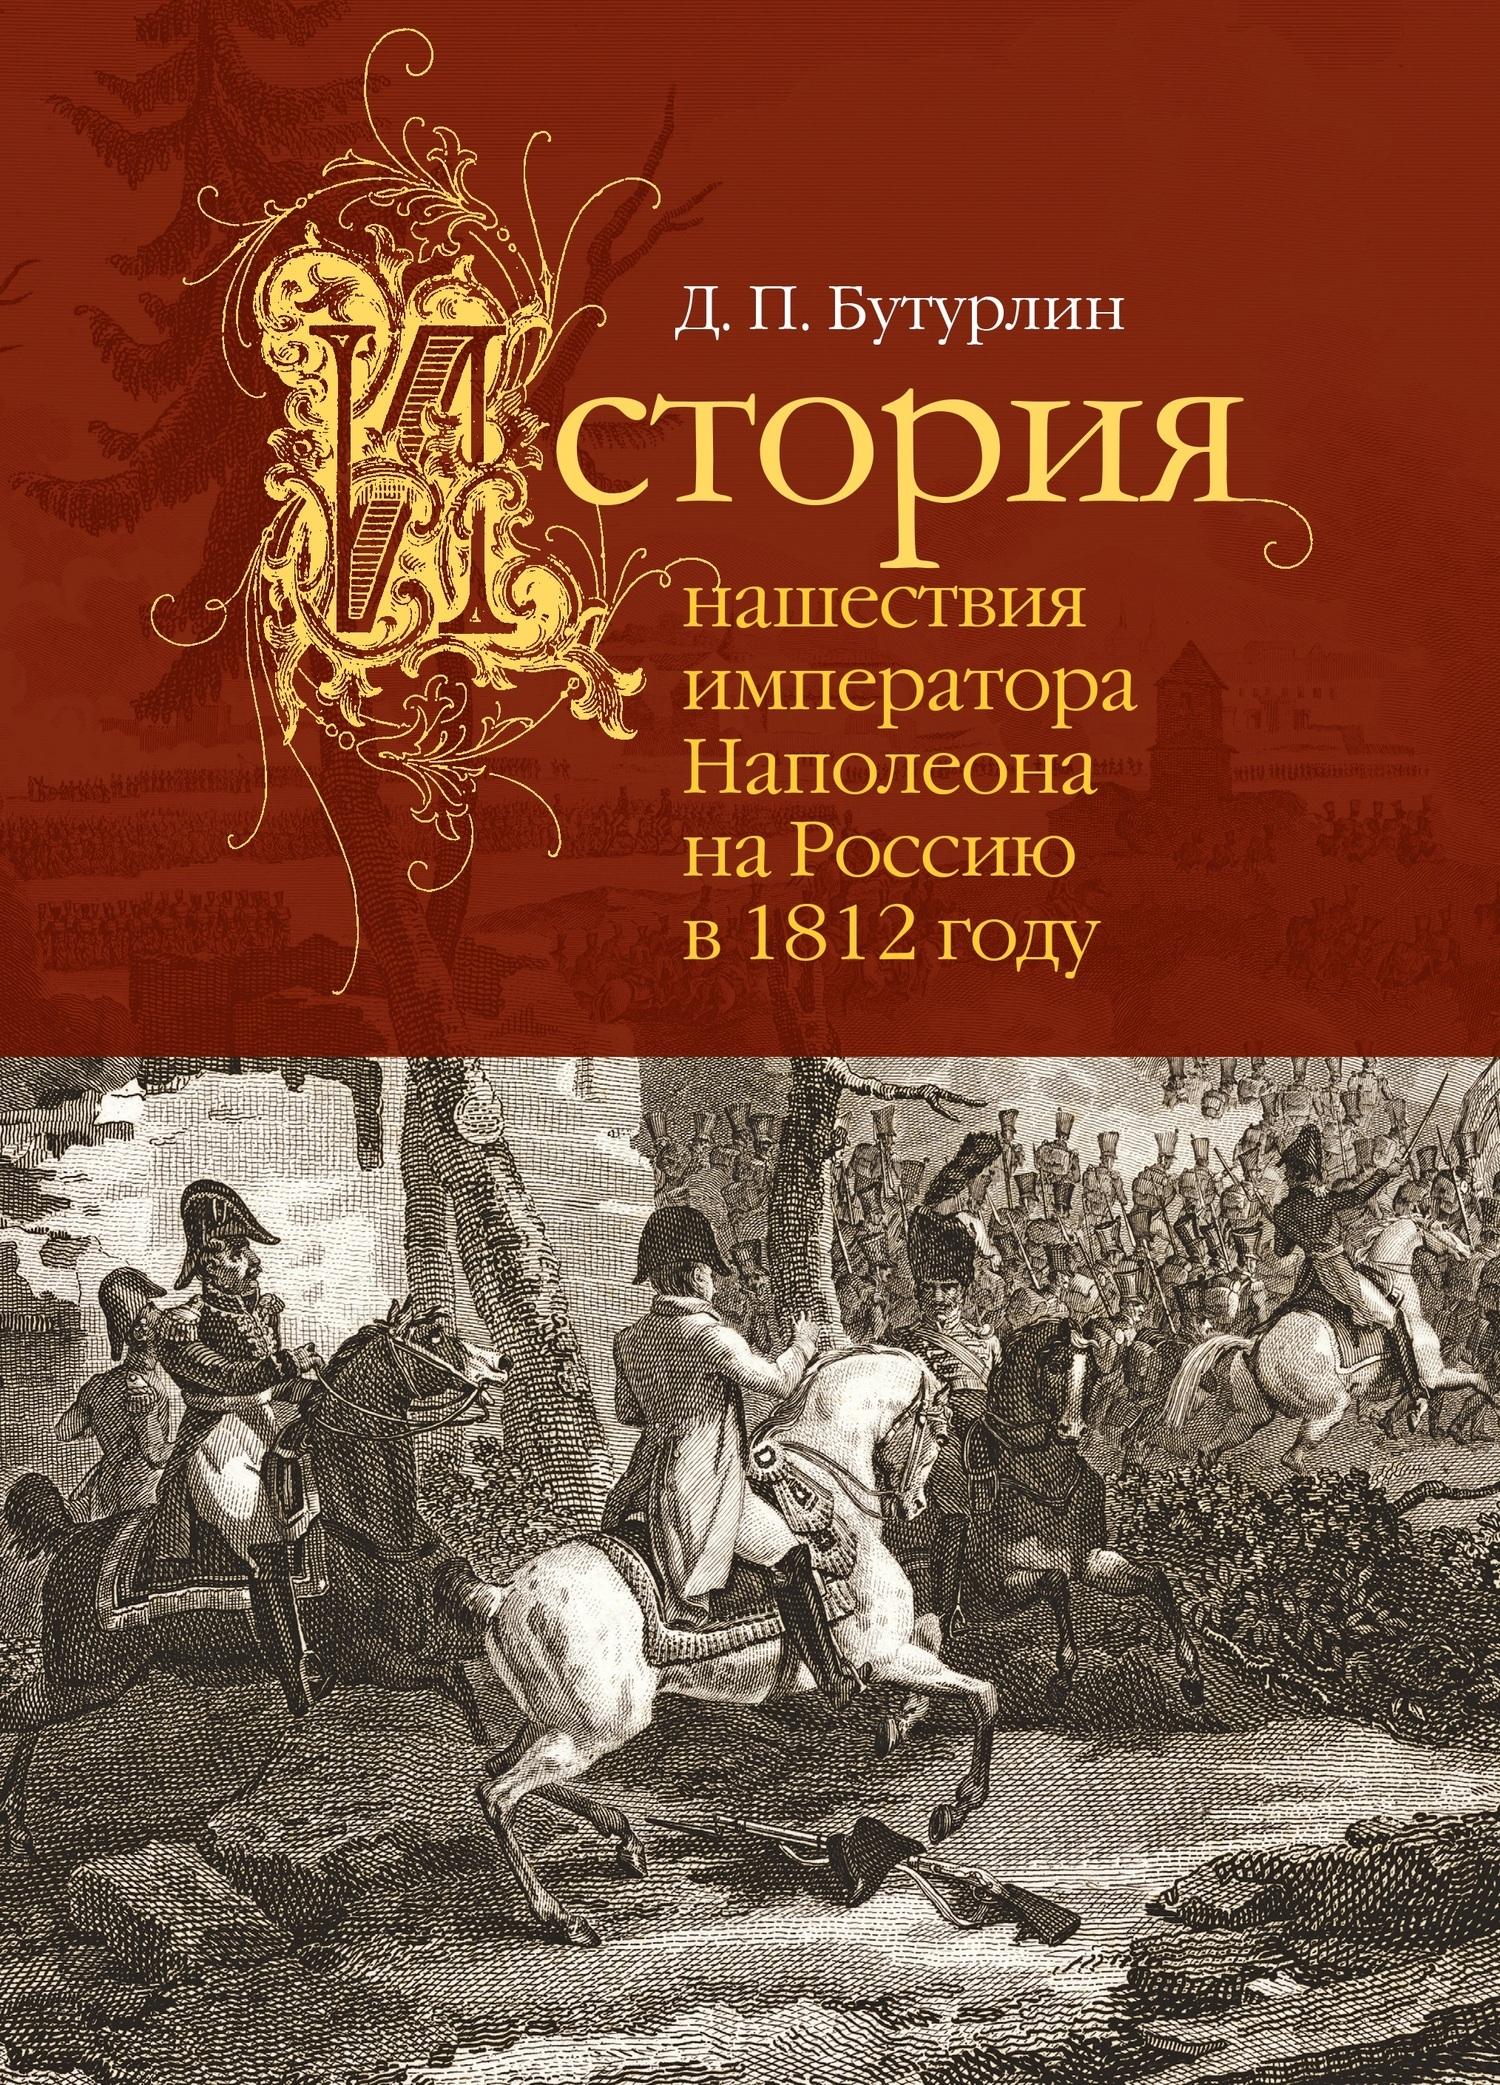 Дмитрий Бутурлин - История нашествия императора Наполеона на Россию в 1812 году